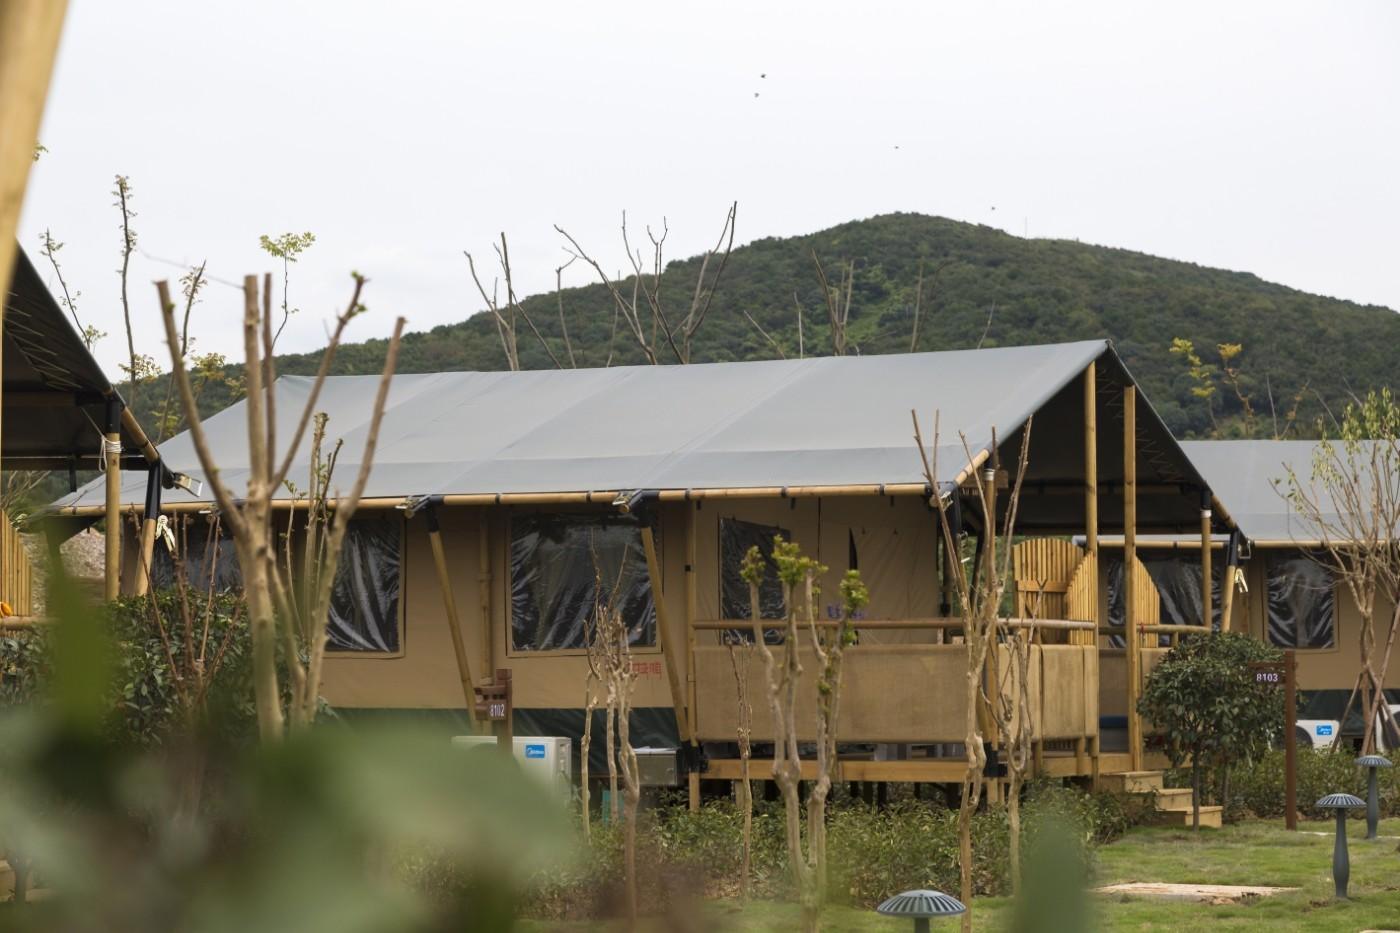 喜马拉雅野奢帐篷酒店—太湖湾露营谷4